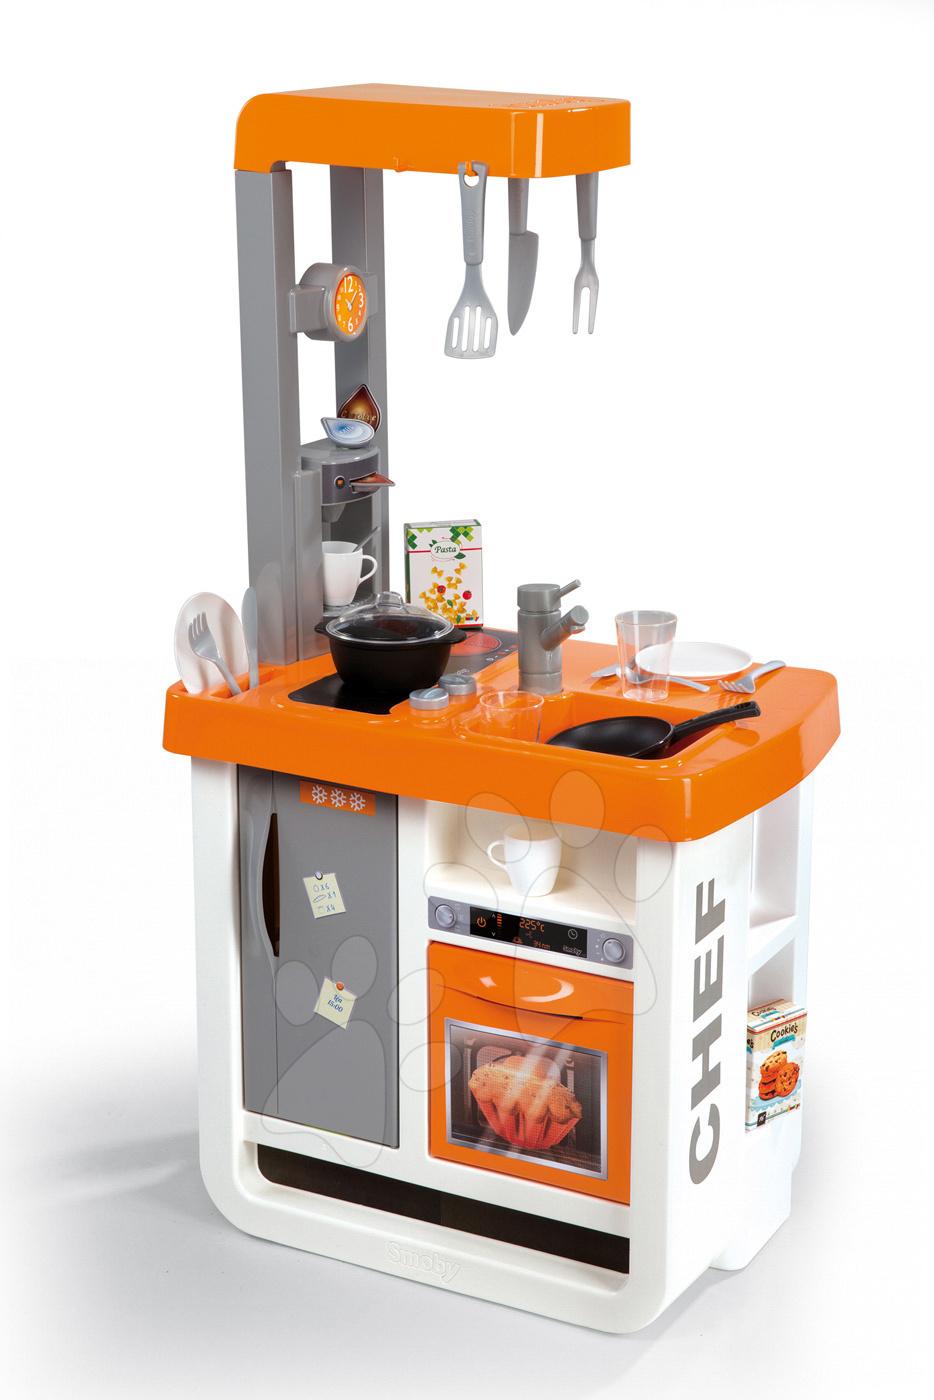 Kuchyňka Bon Appétit Chef Smoby s lednicí, kávovarem a 23 doplňky oranžovo-stříbrná